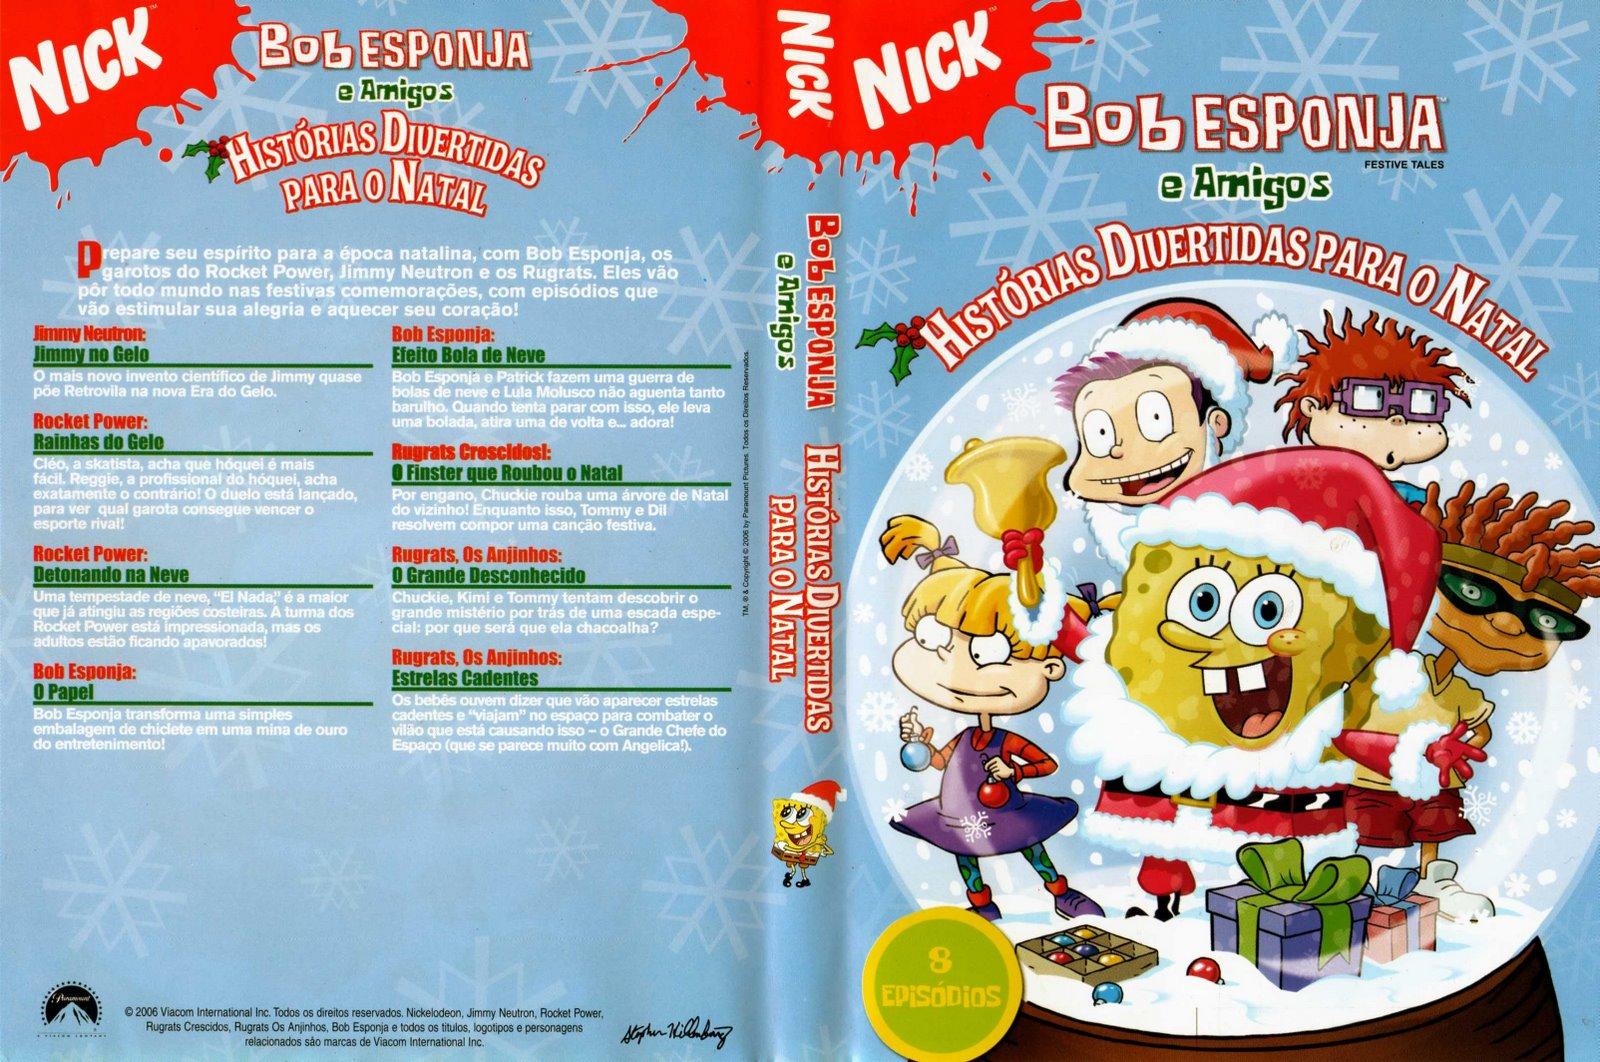 Bob Esponja DVD. DVD originales. Pelicuculas nuevas y de segunda mano.  PEDIDO MINIMO 3 DVD SI ESCOGES 6 DVD PAGAS 5 DVD (La mas economica de  regalo) Si eres ...